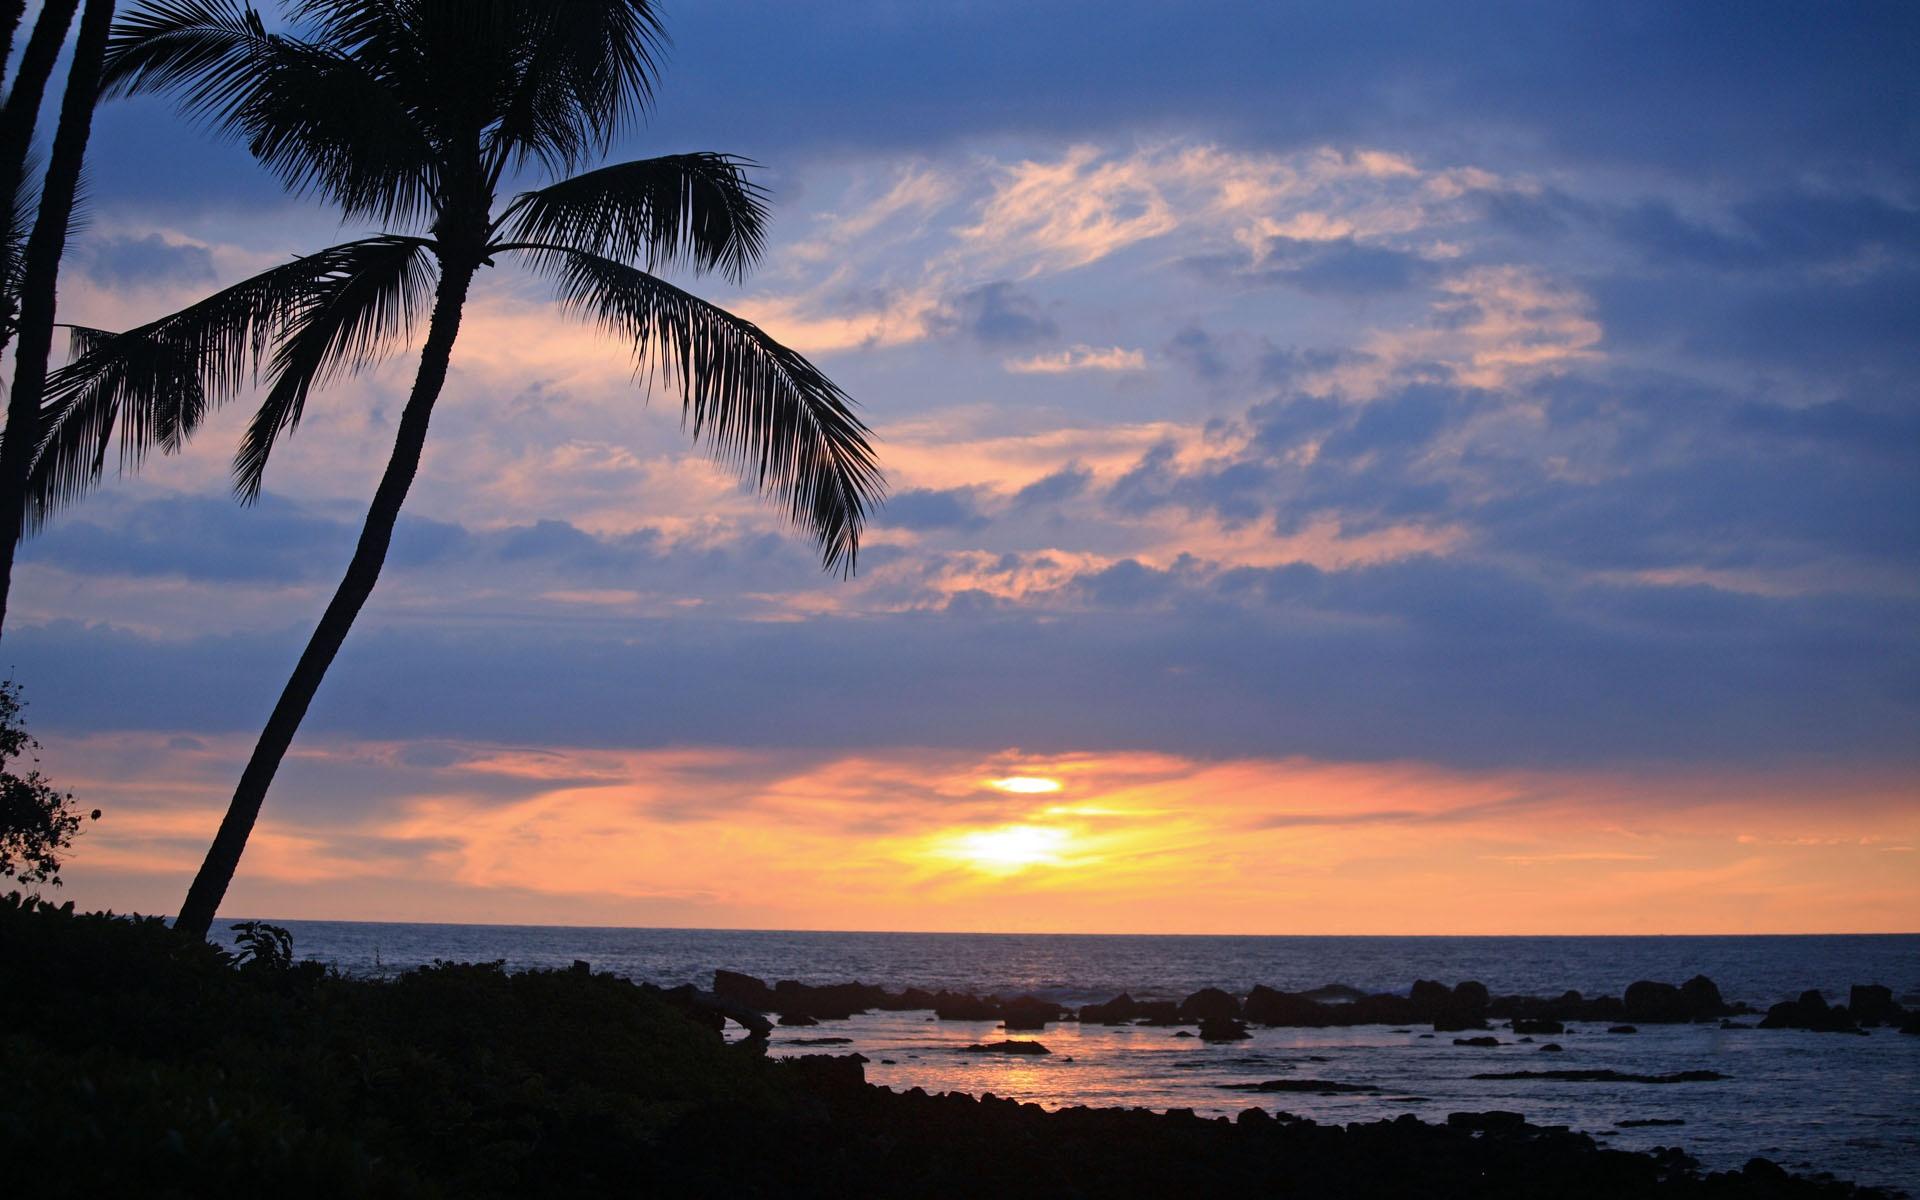 Hawaiian Beach Sunset Wallpaper Background: Hawaii Sunsets Wallpaper